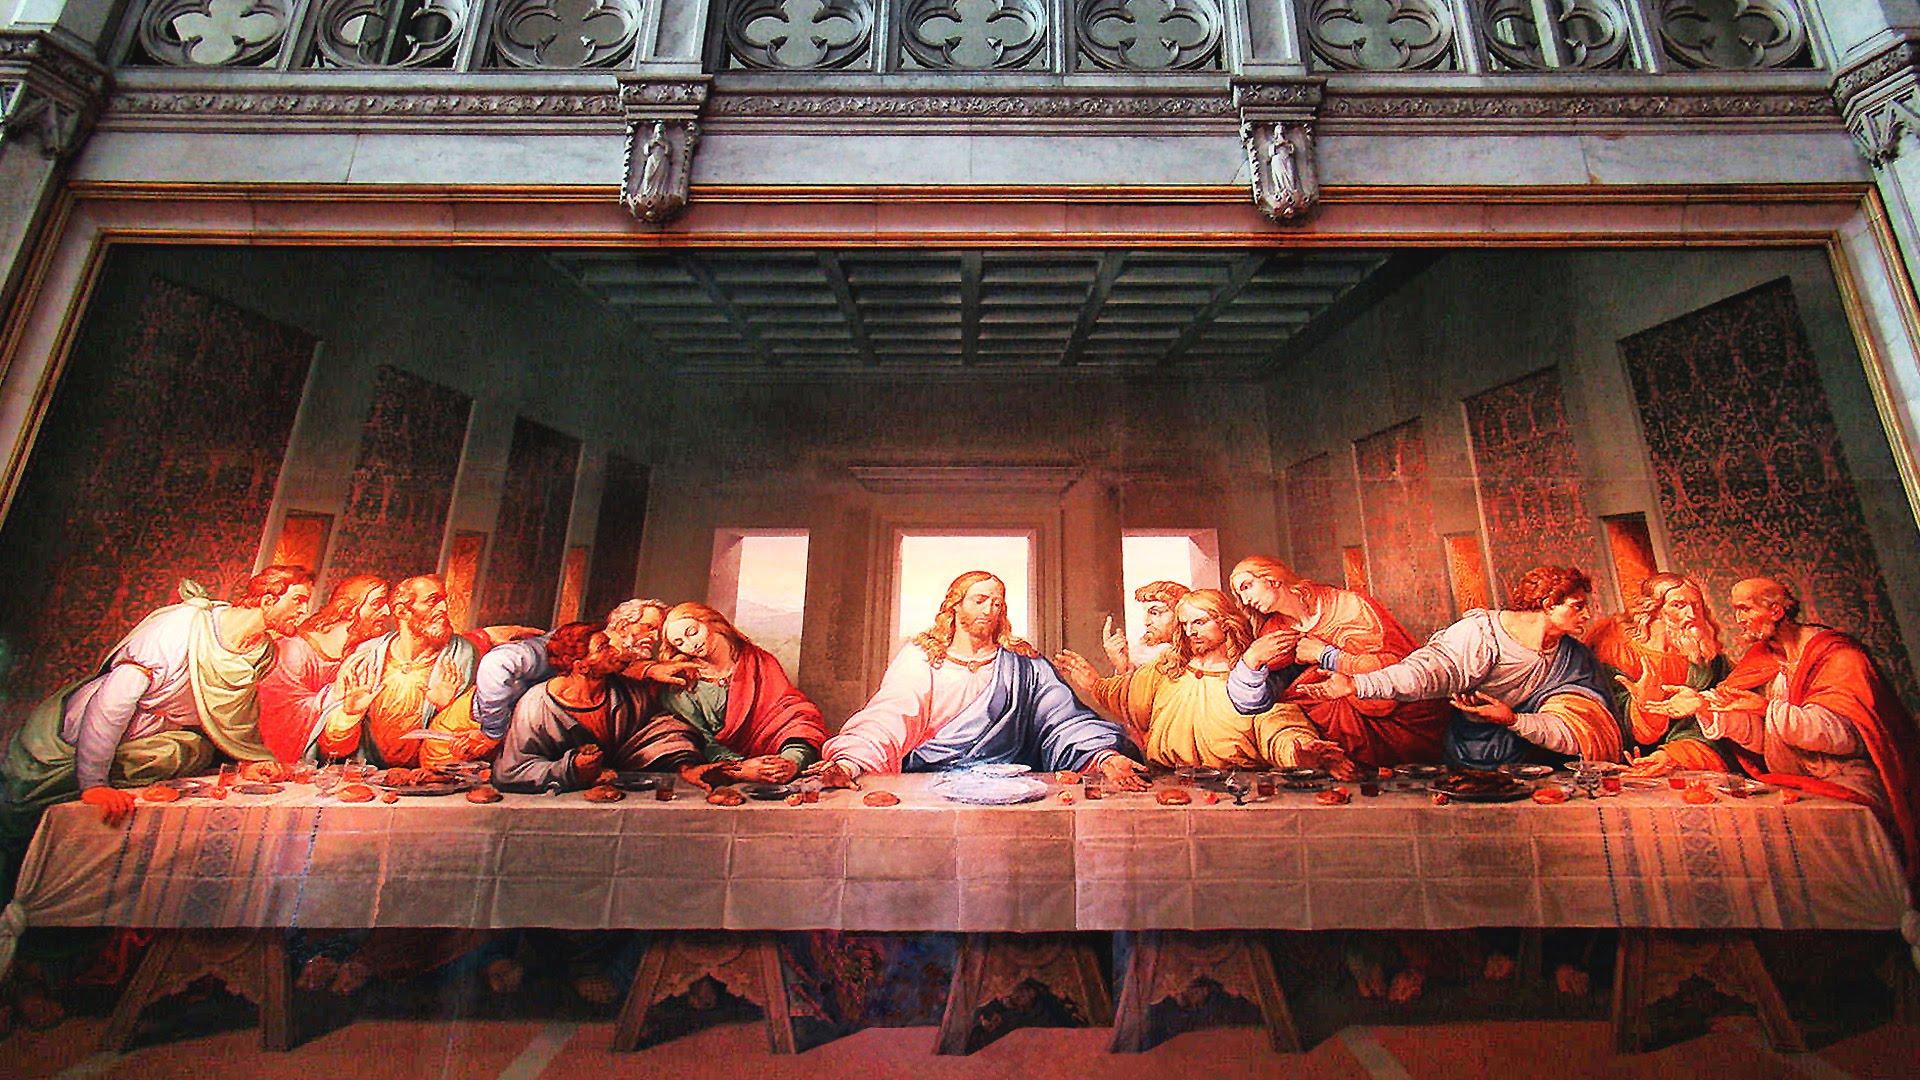 """""""La última cena"""" es una pintura mural original de Leonardo da Vinci ejecutada entre 1495 y 1498"""